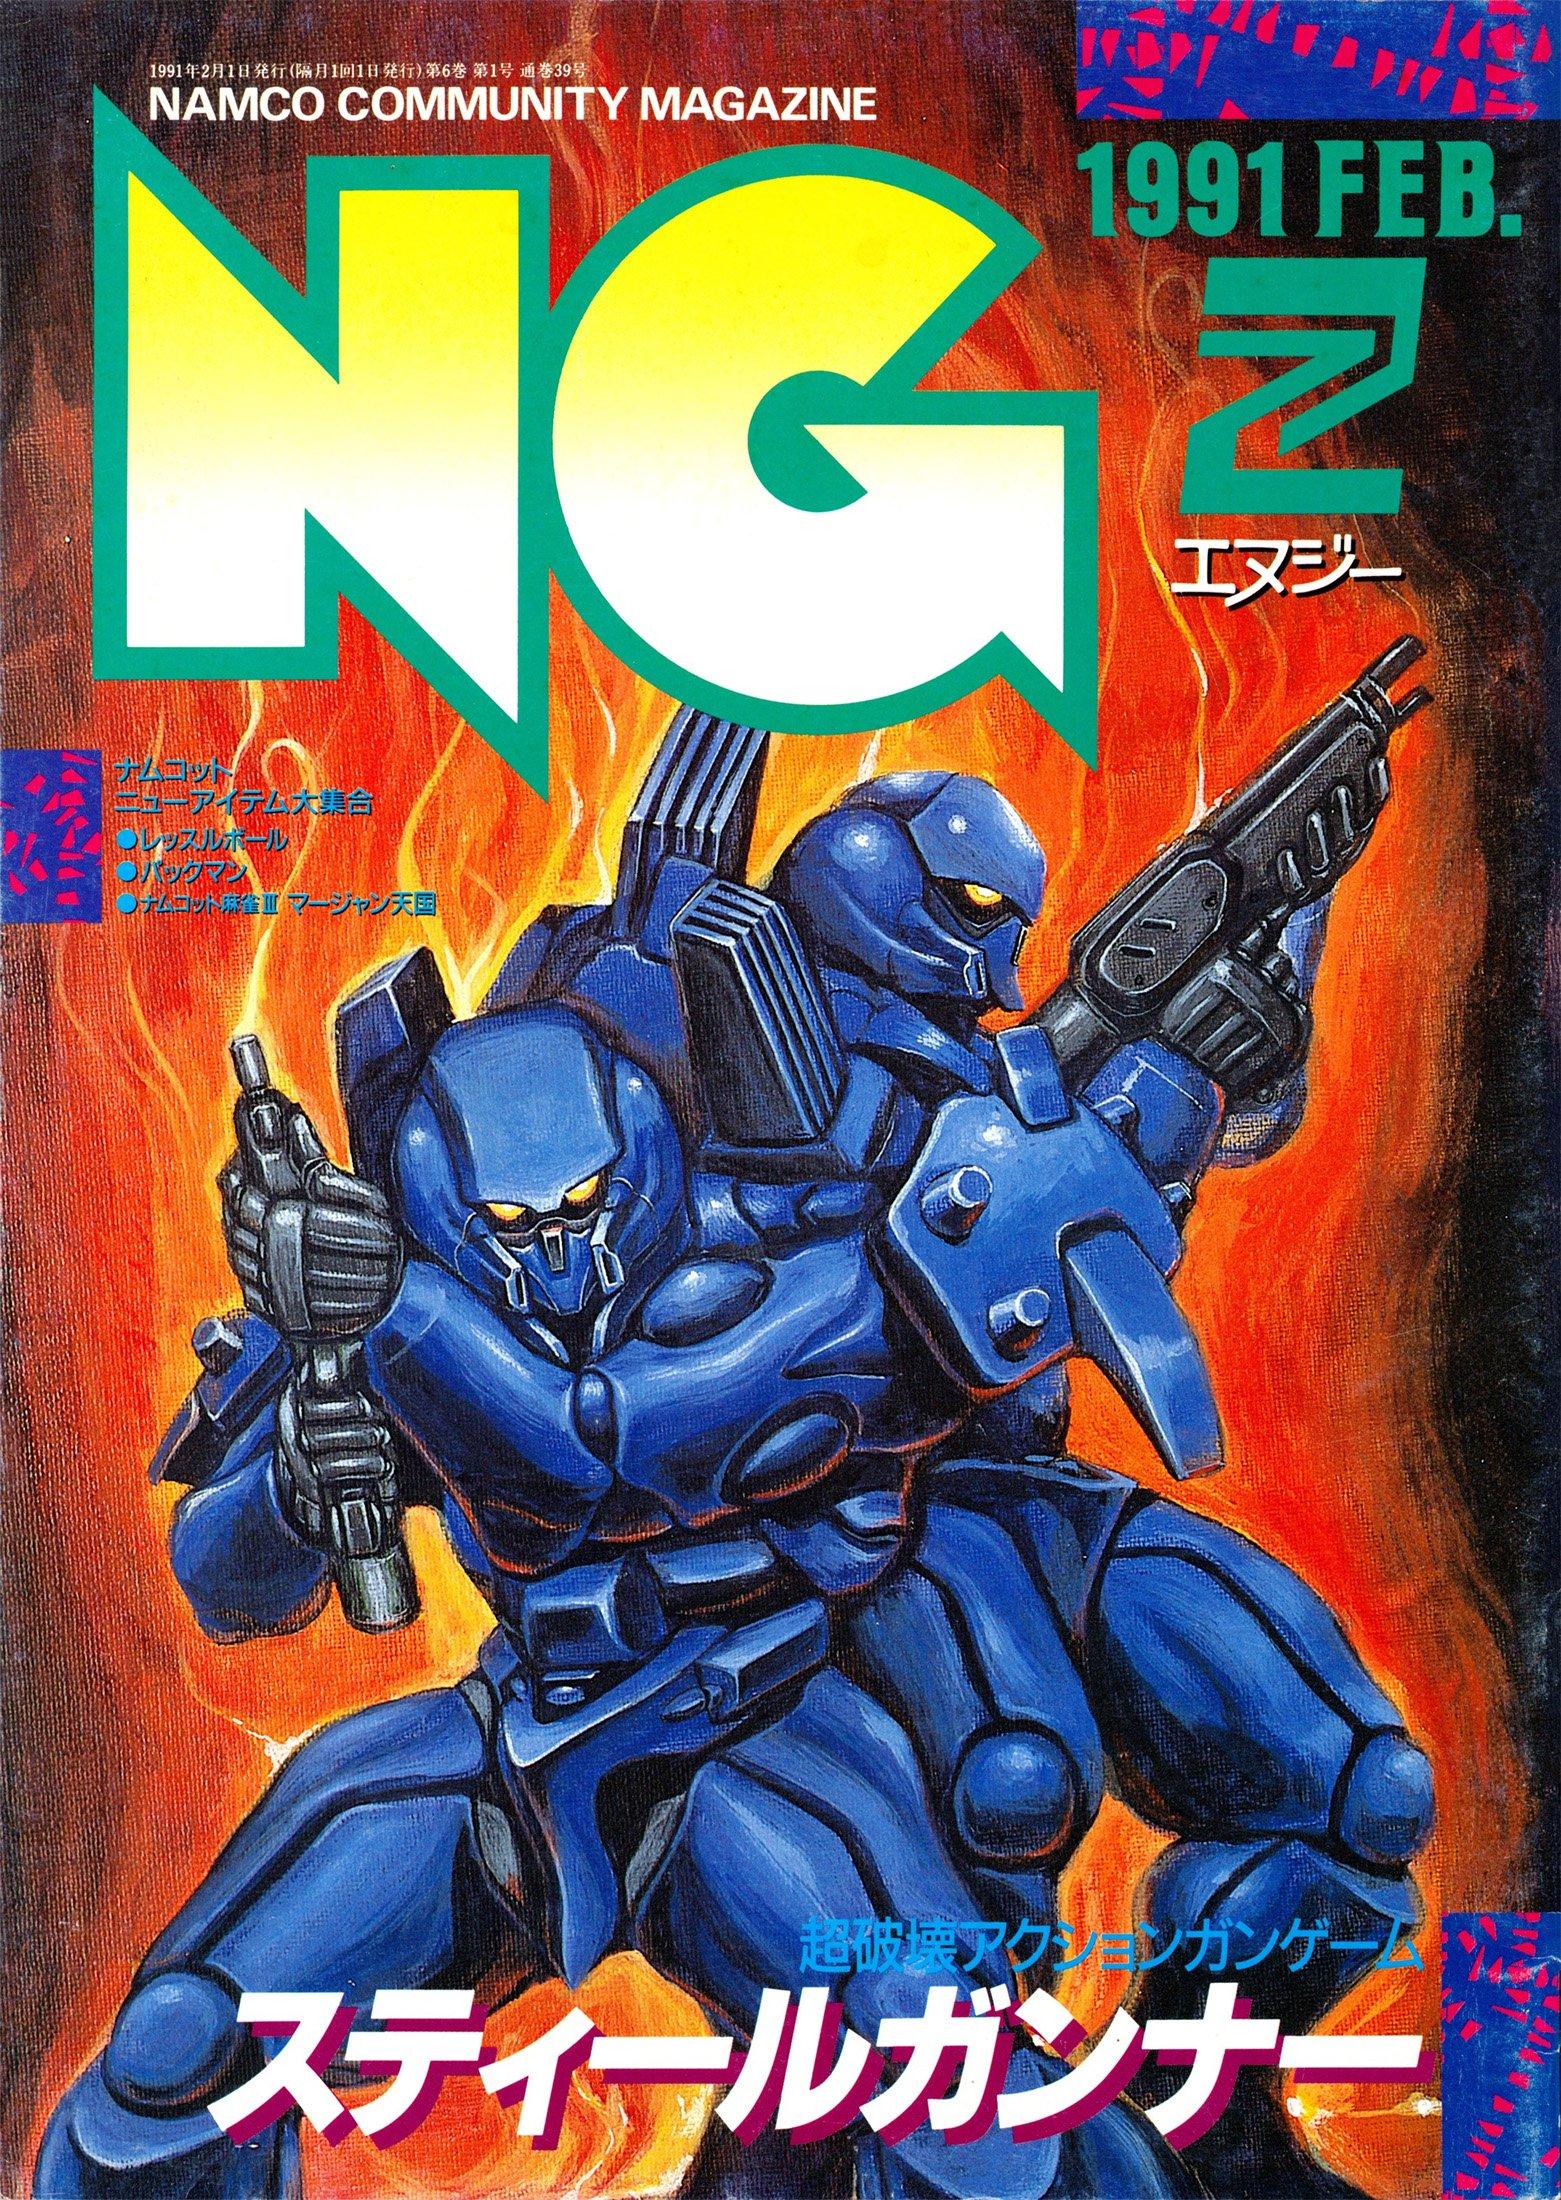 NG Namco Community Magazine Issue 39 (February 1991)